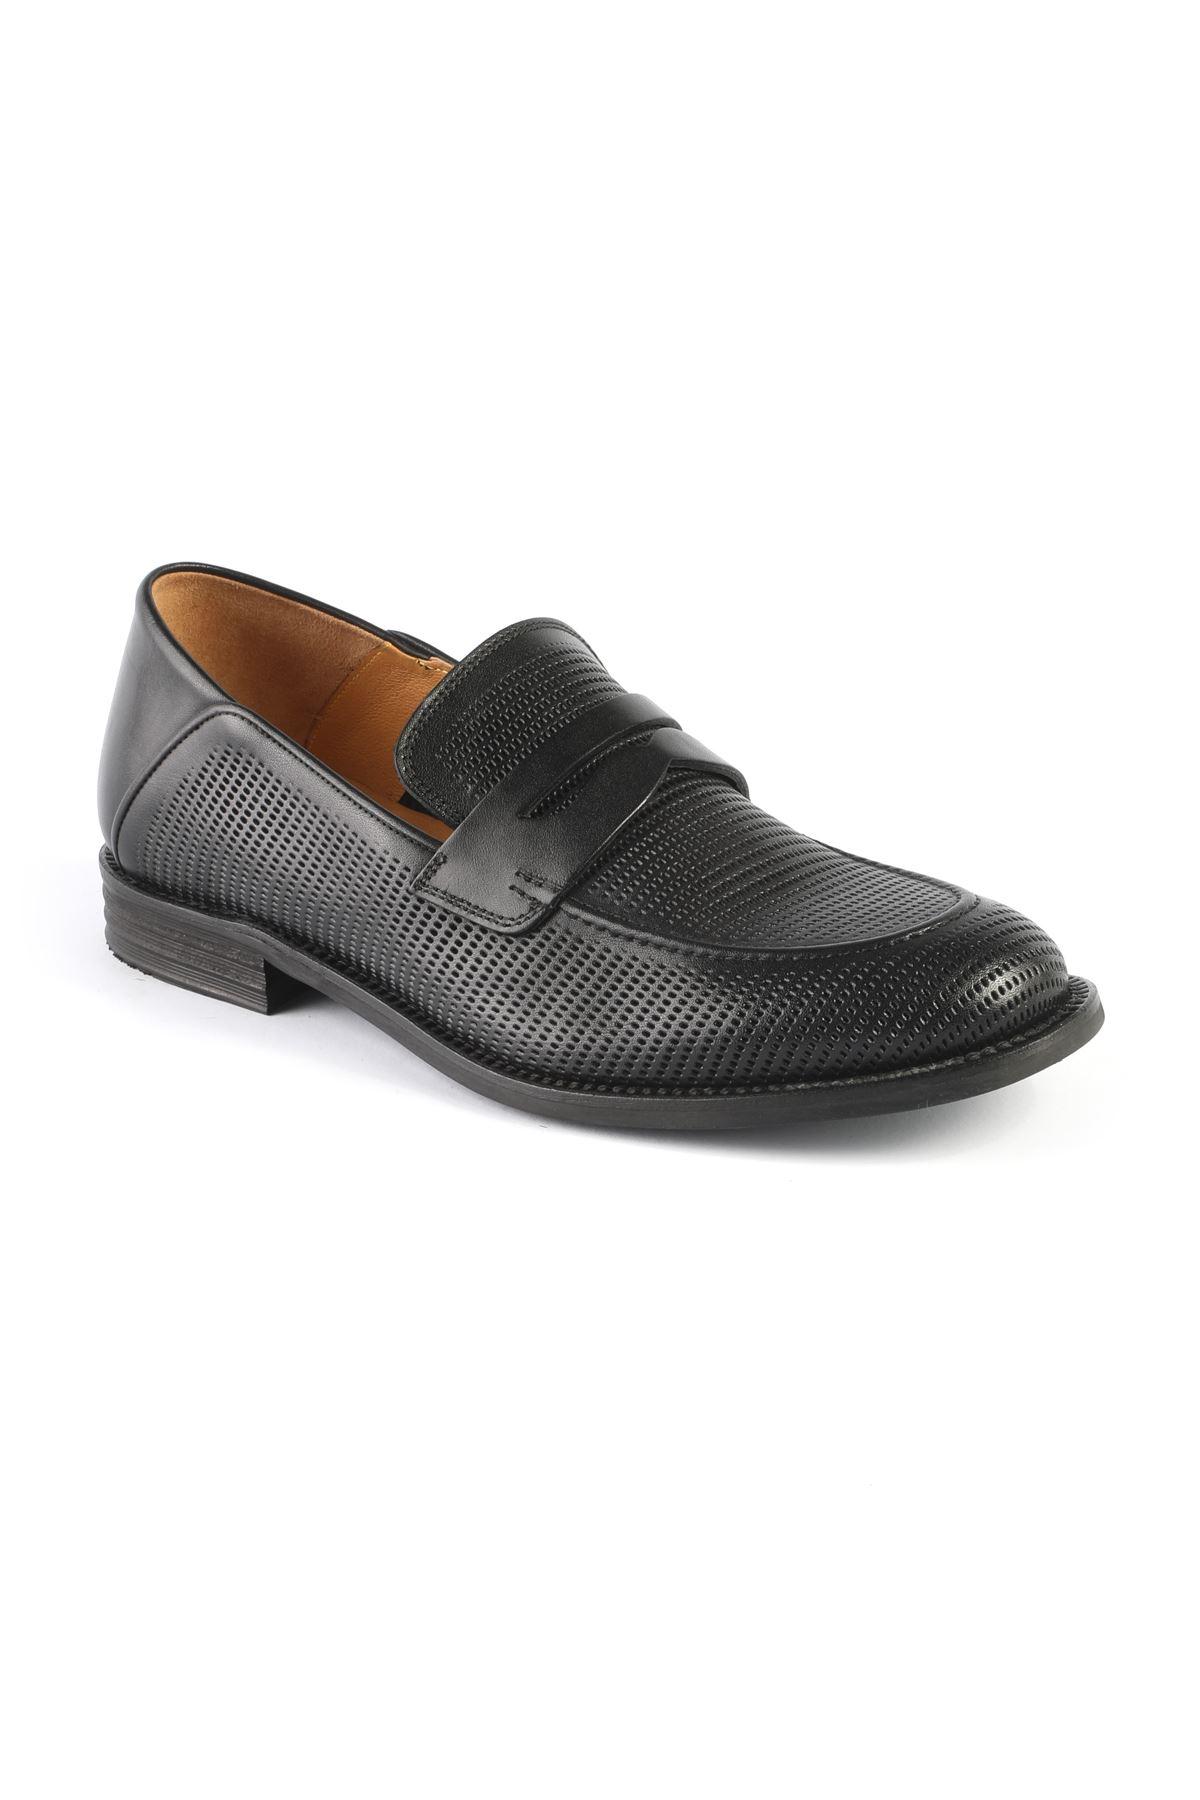 Libero L3211 Black Classic Shoes